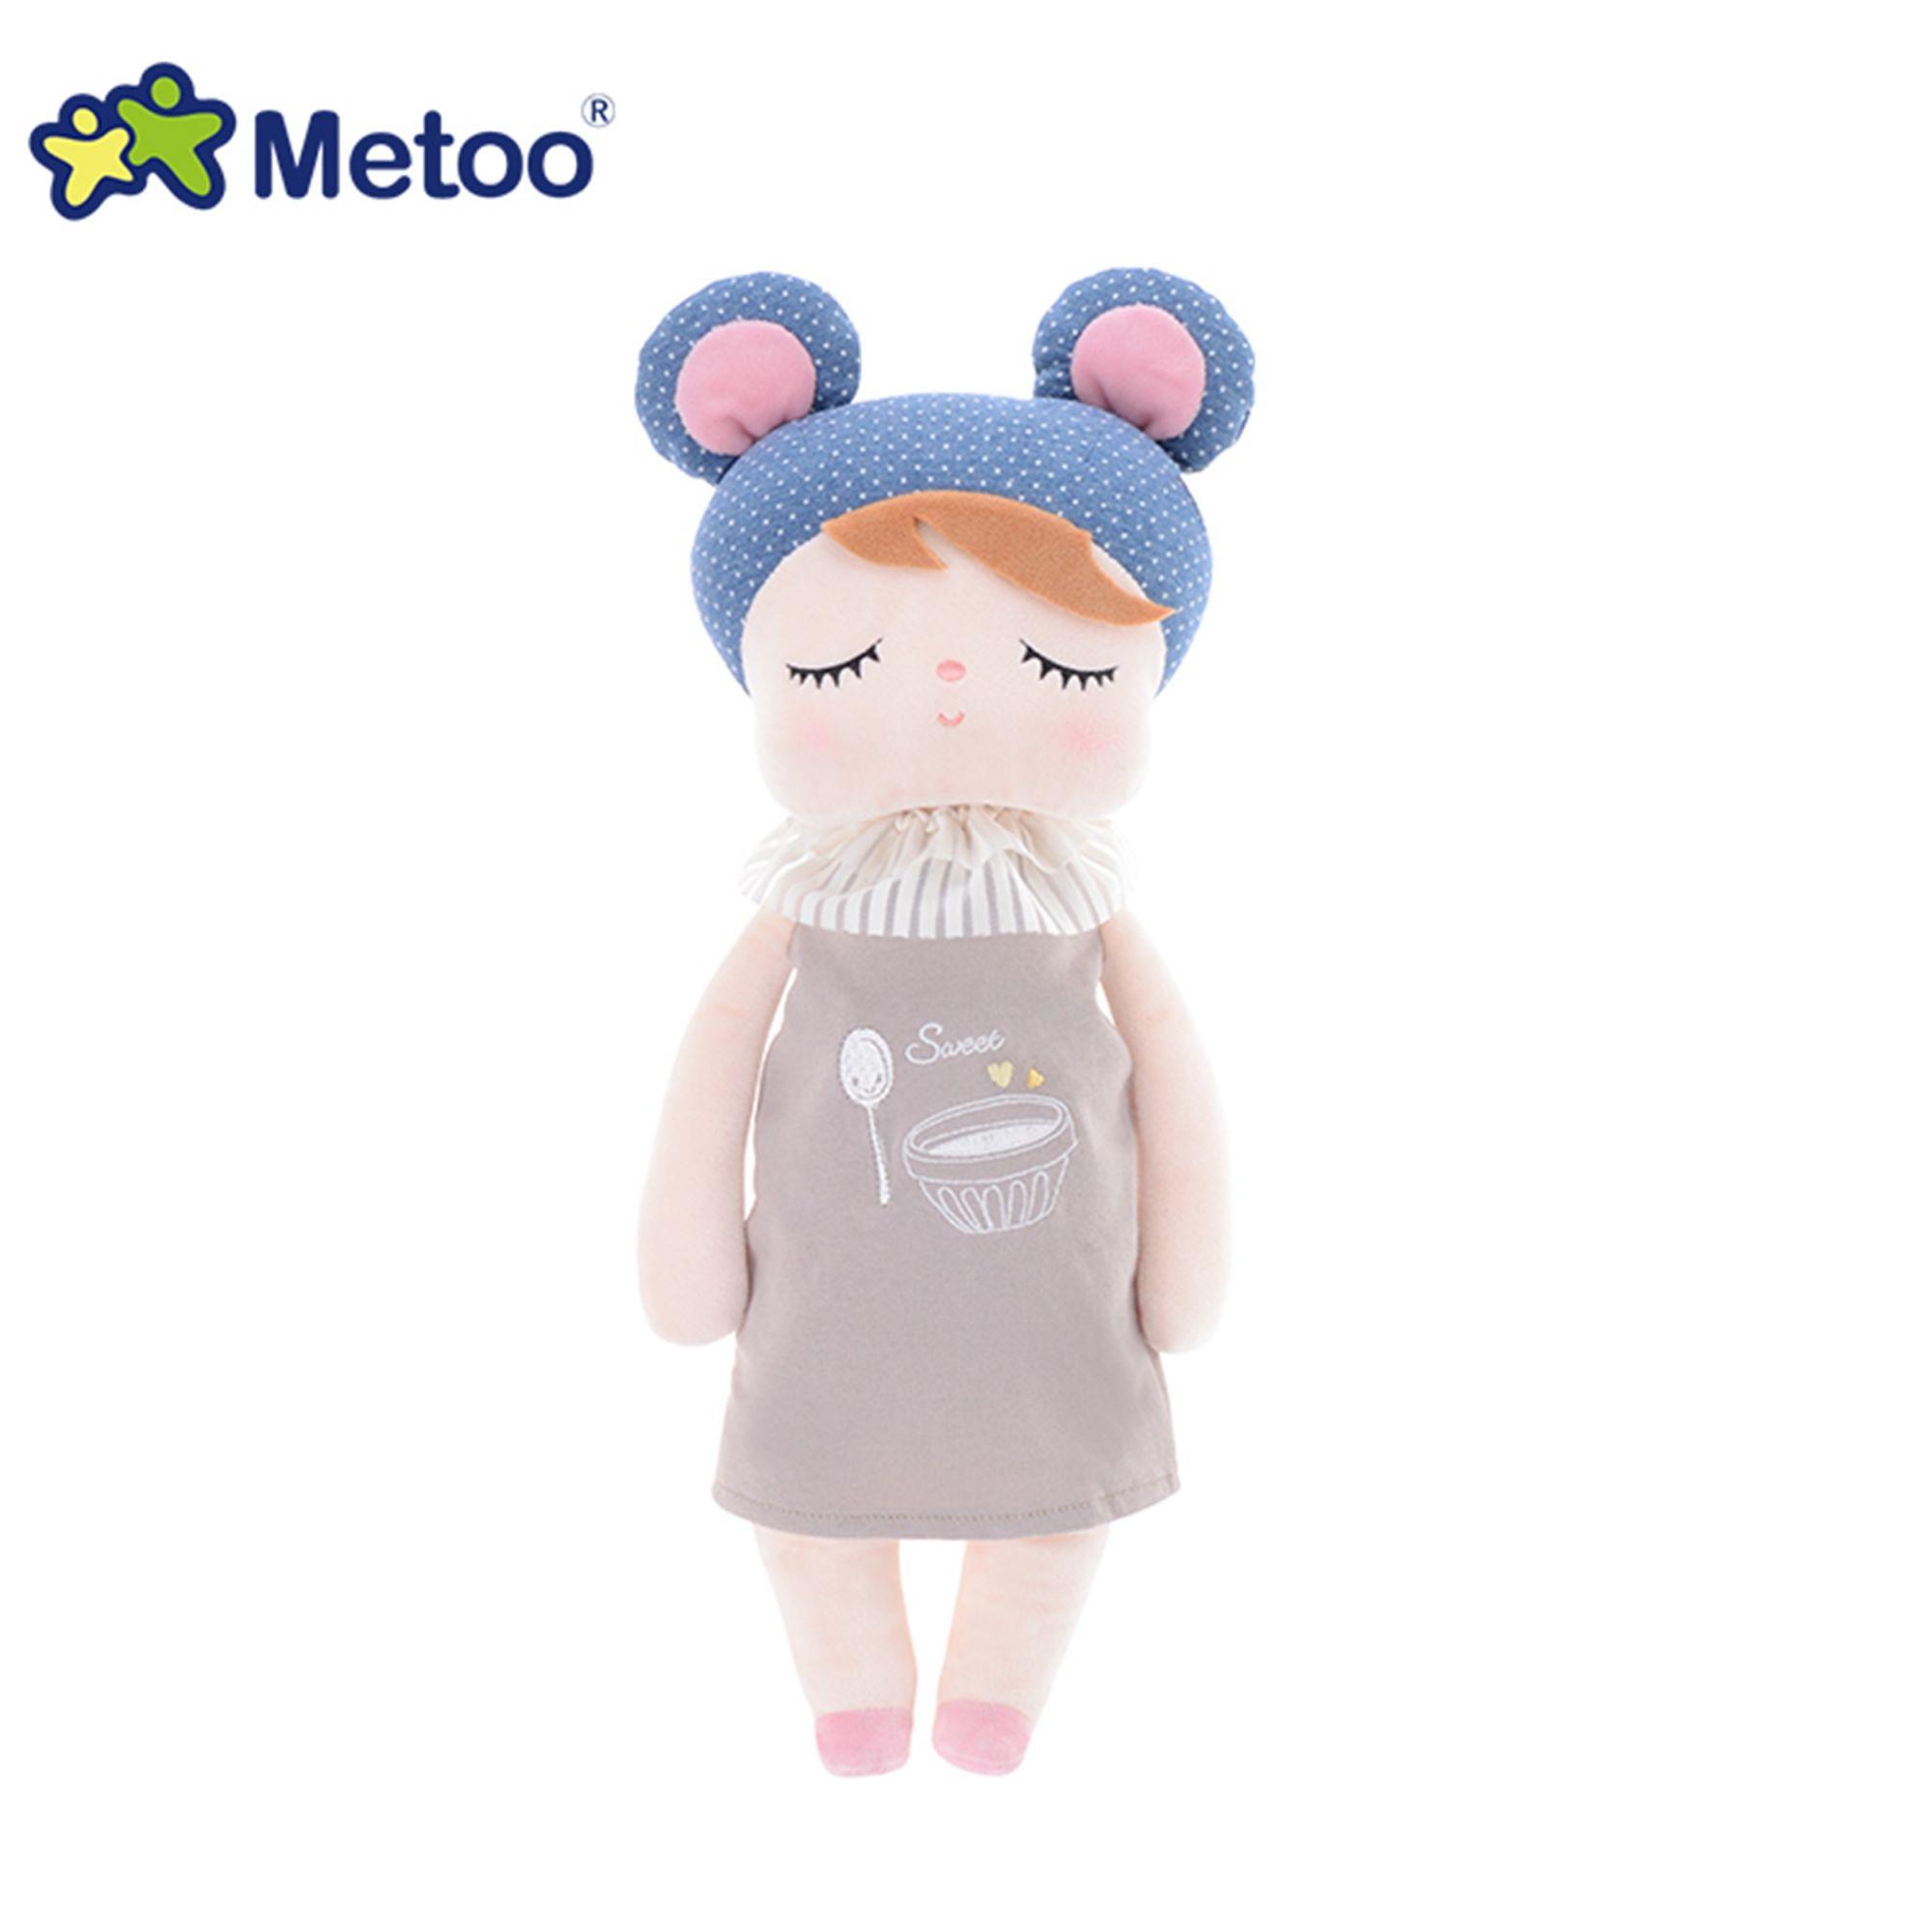 Boneca Metoo Angela - Doceira Retro Urso Azul - 33cm